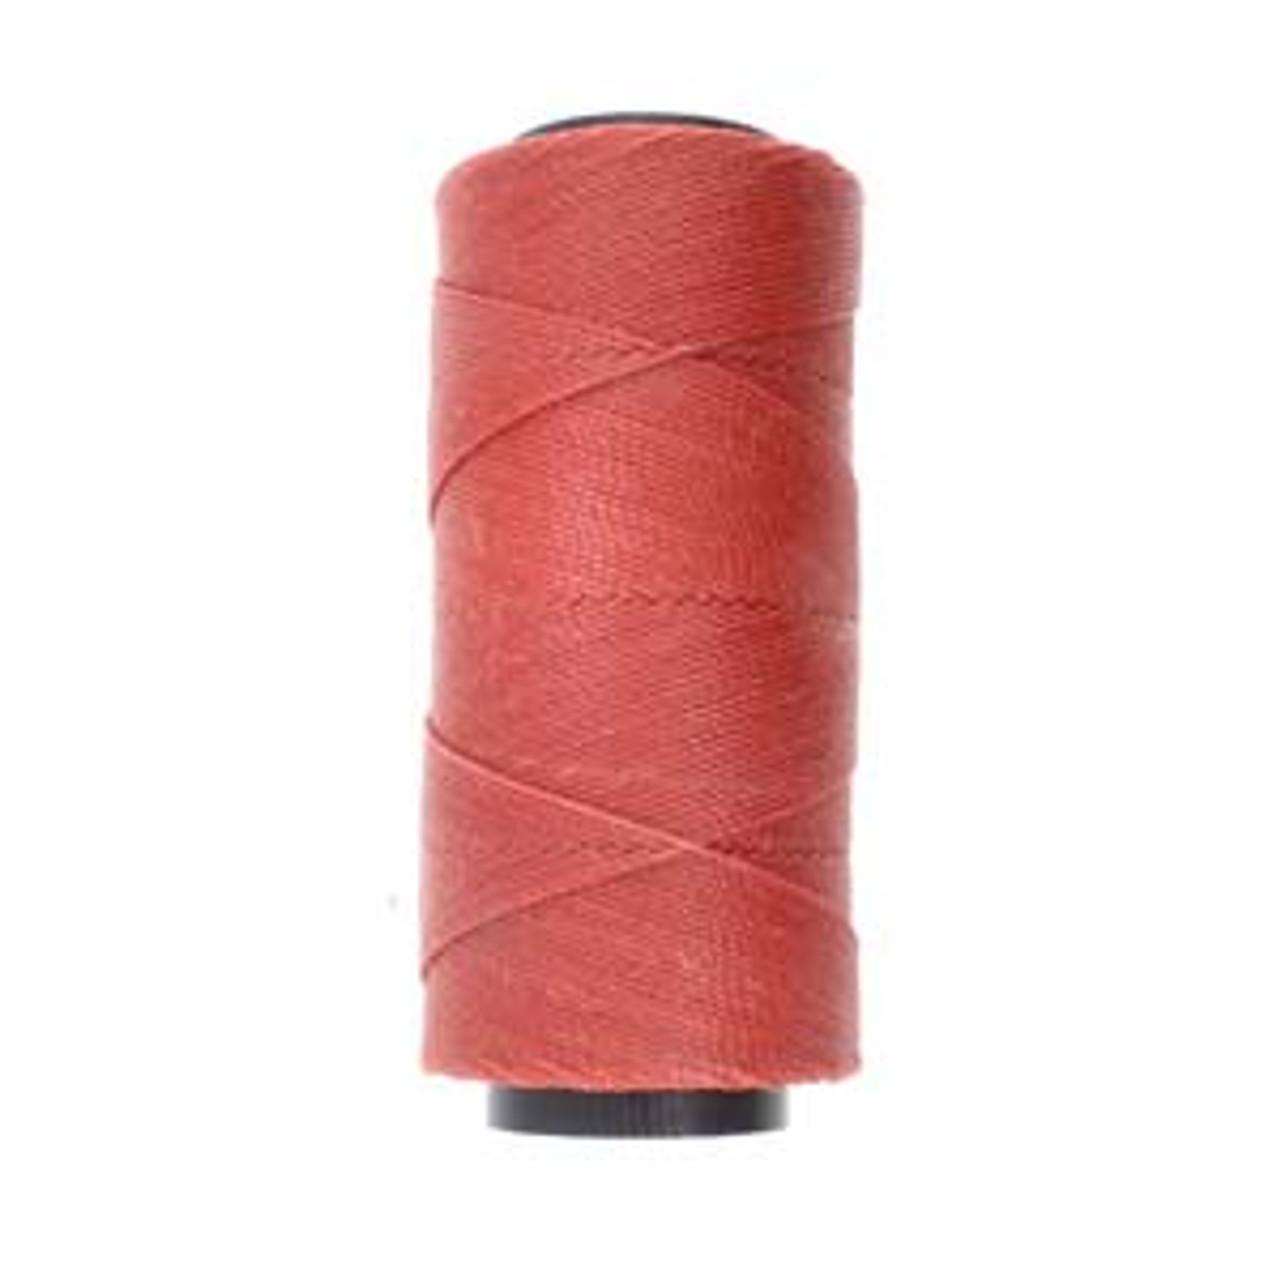 144yds 2 ply Terracotta Waxed Brazilian Cord